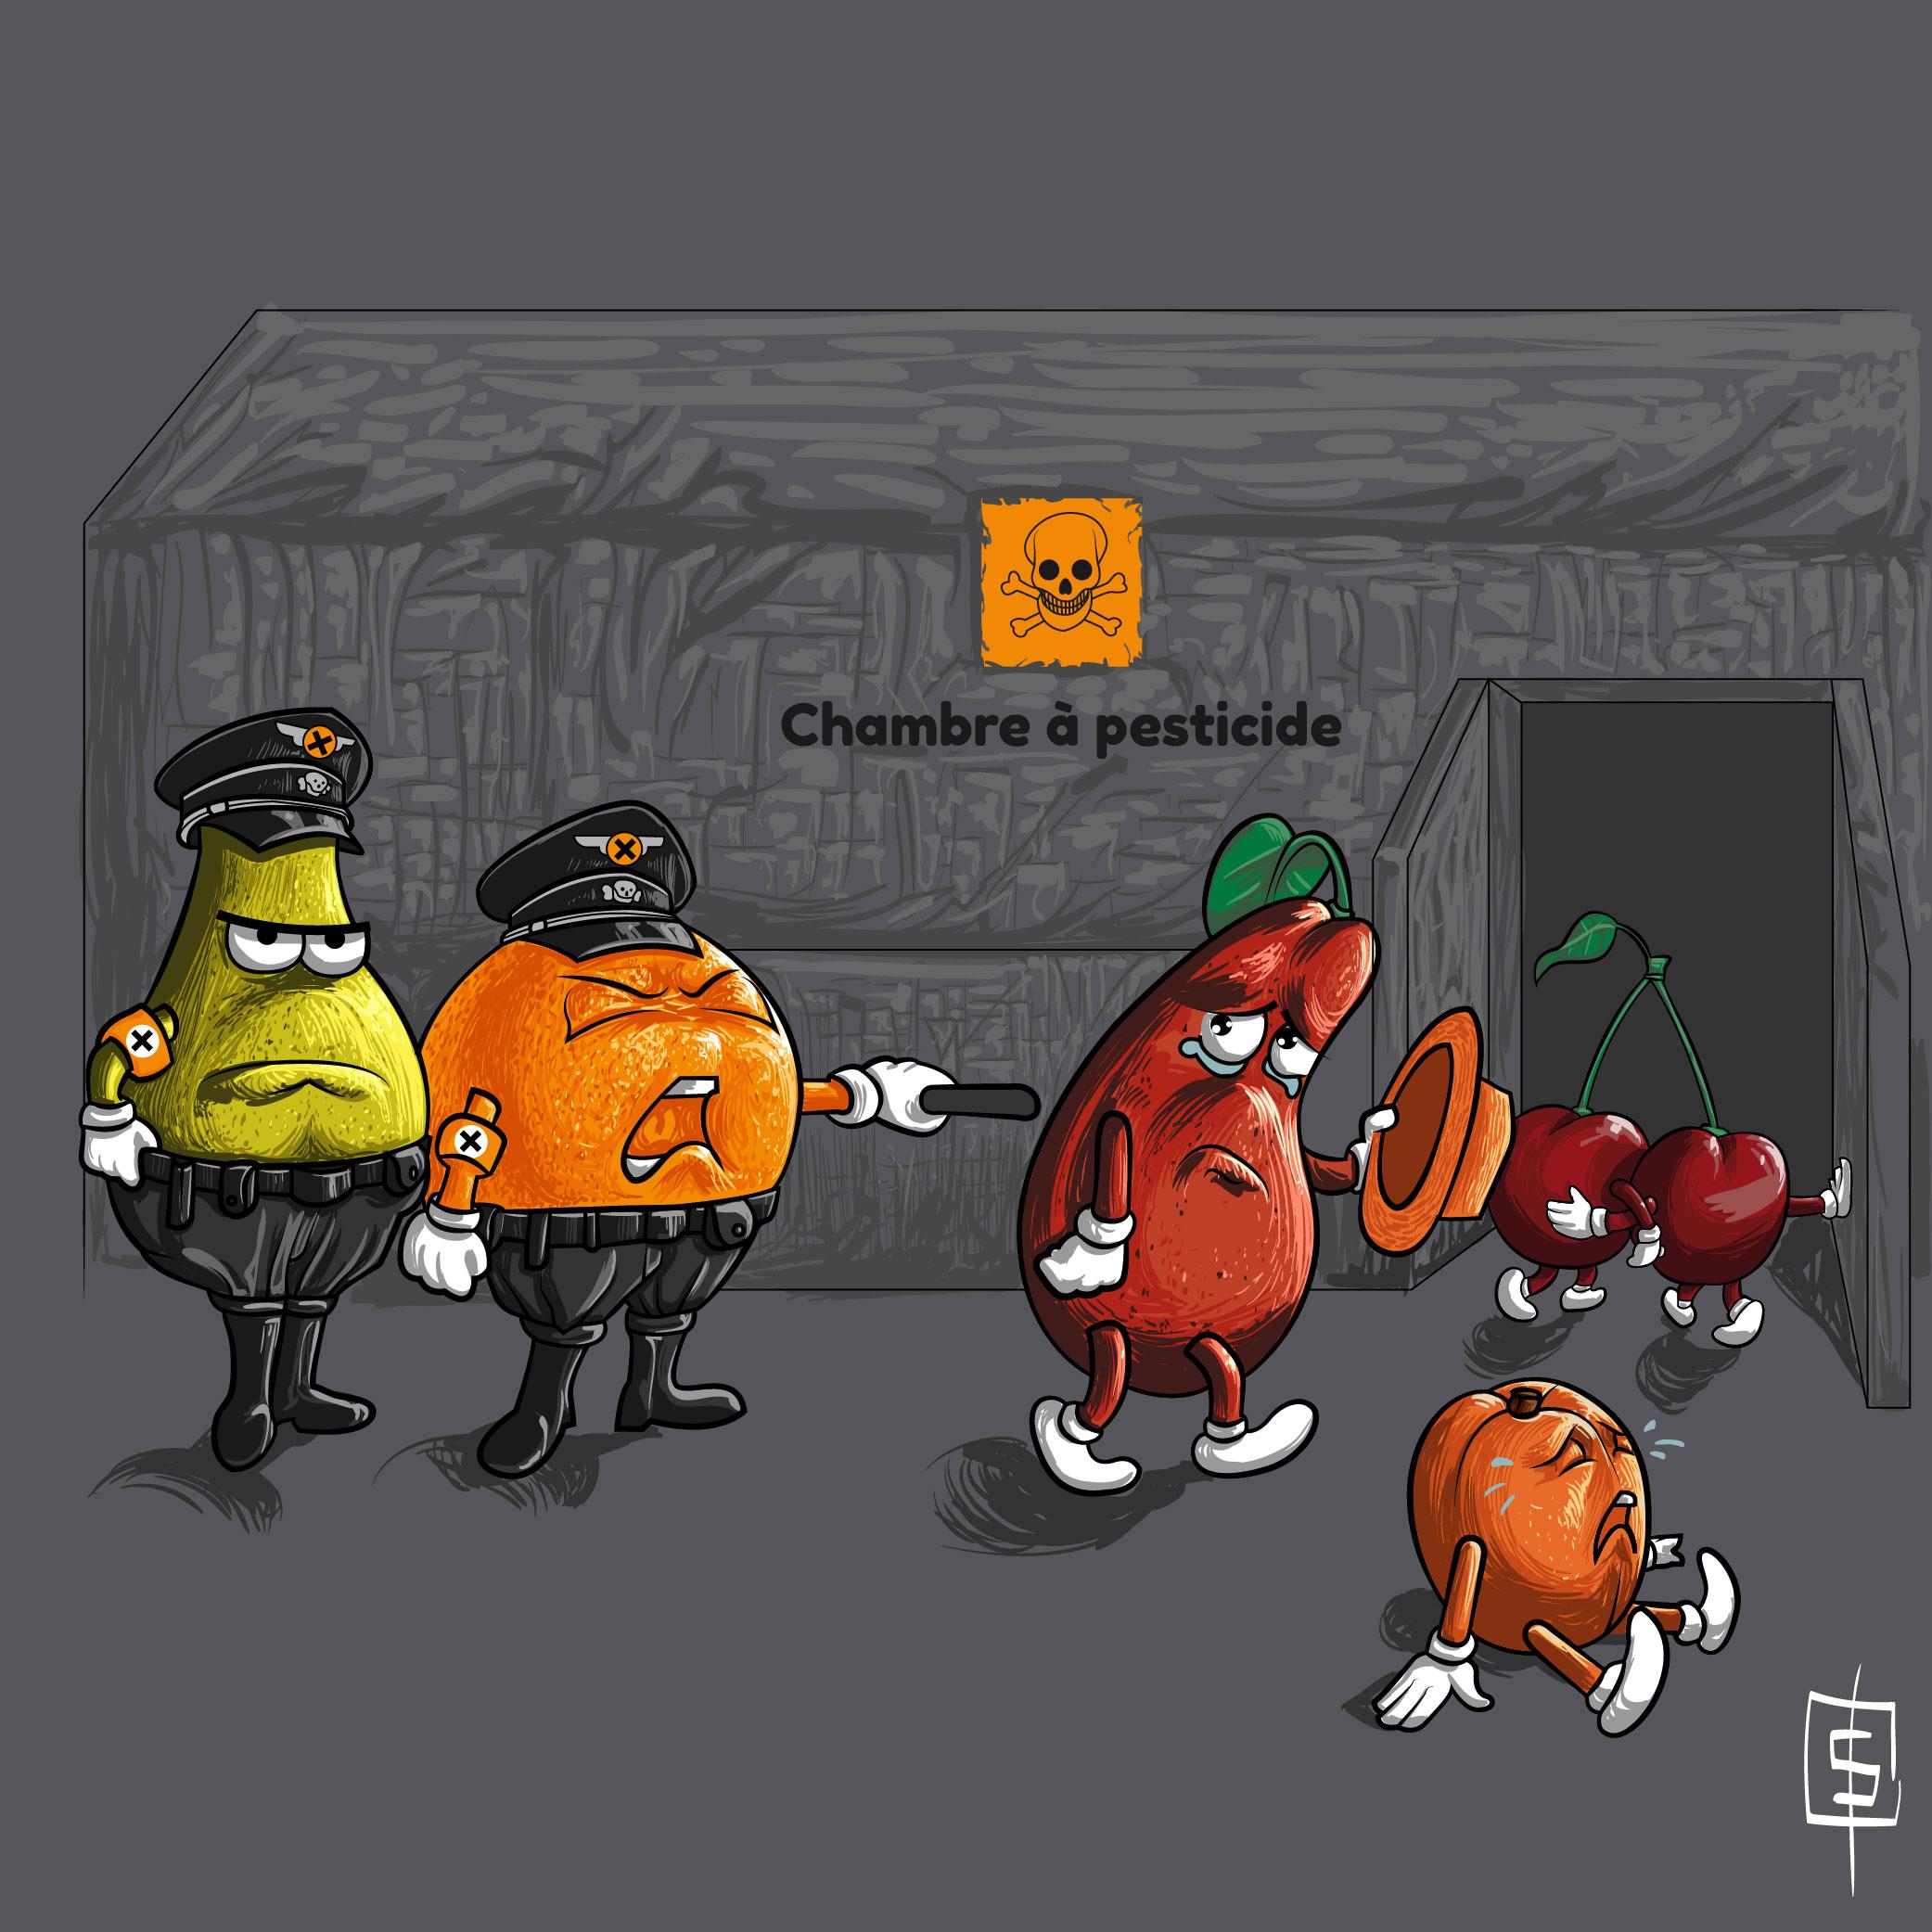 chambre-pesticide